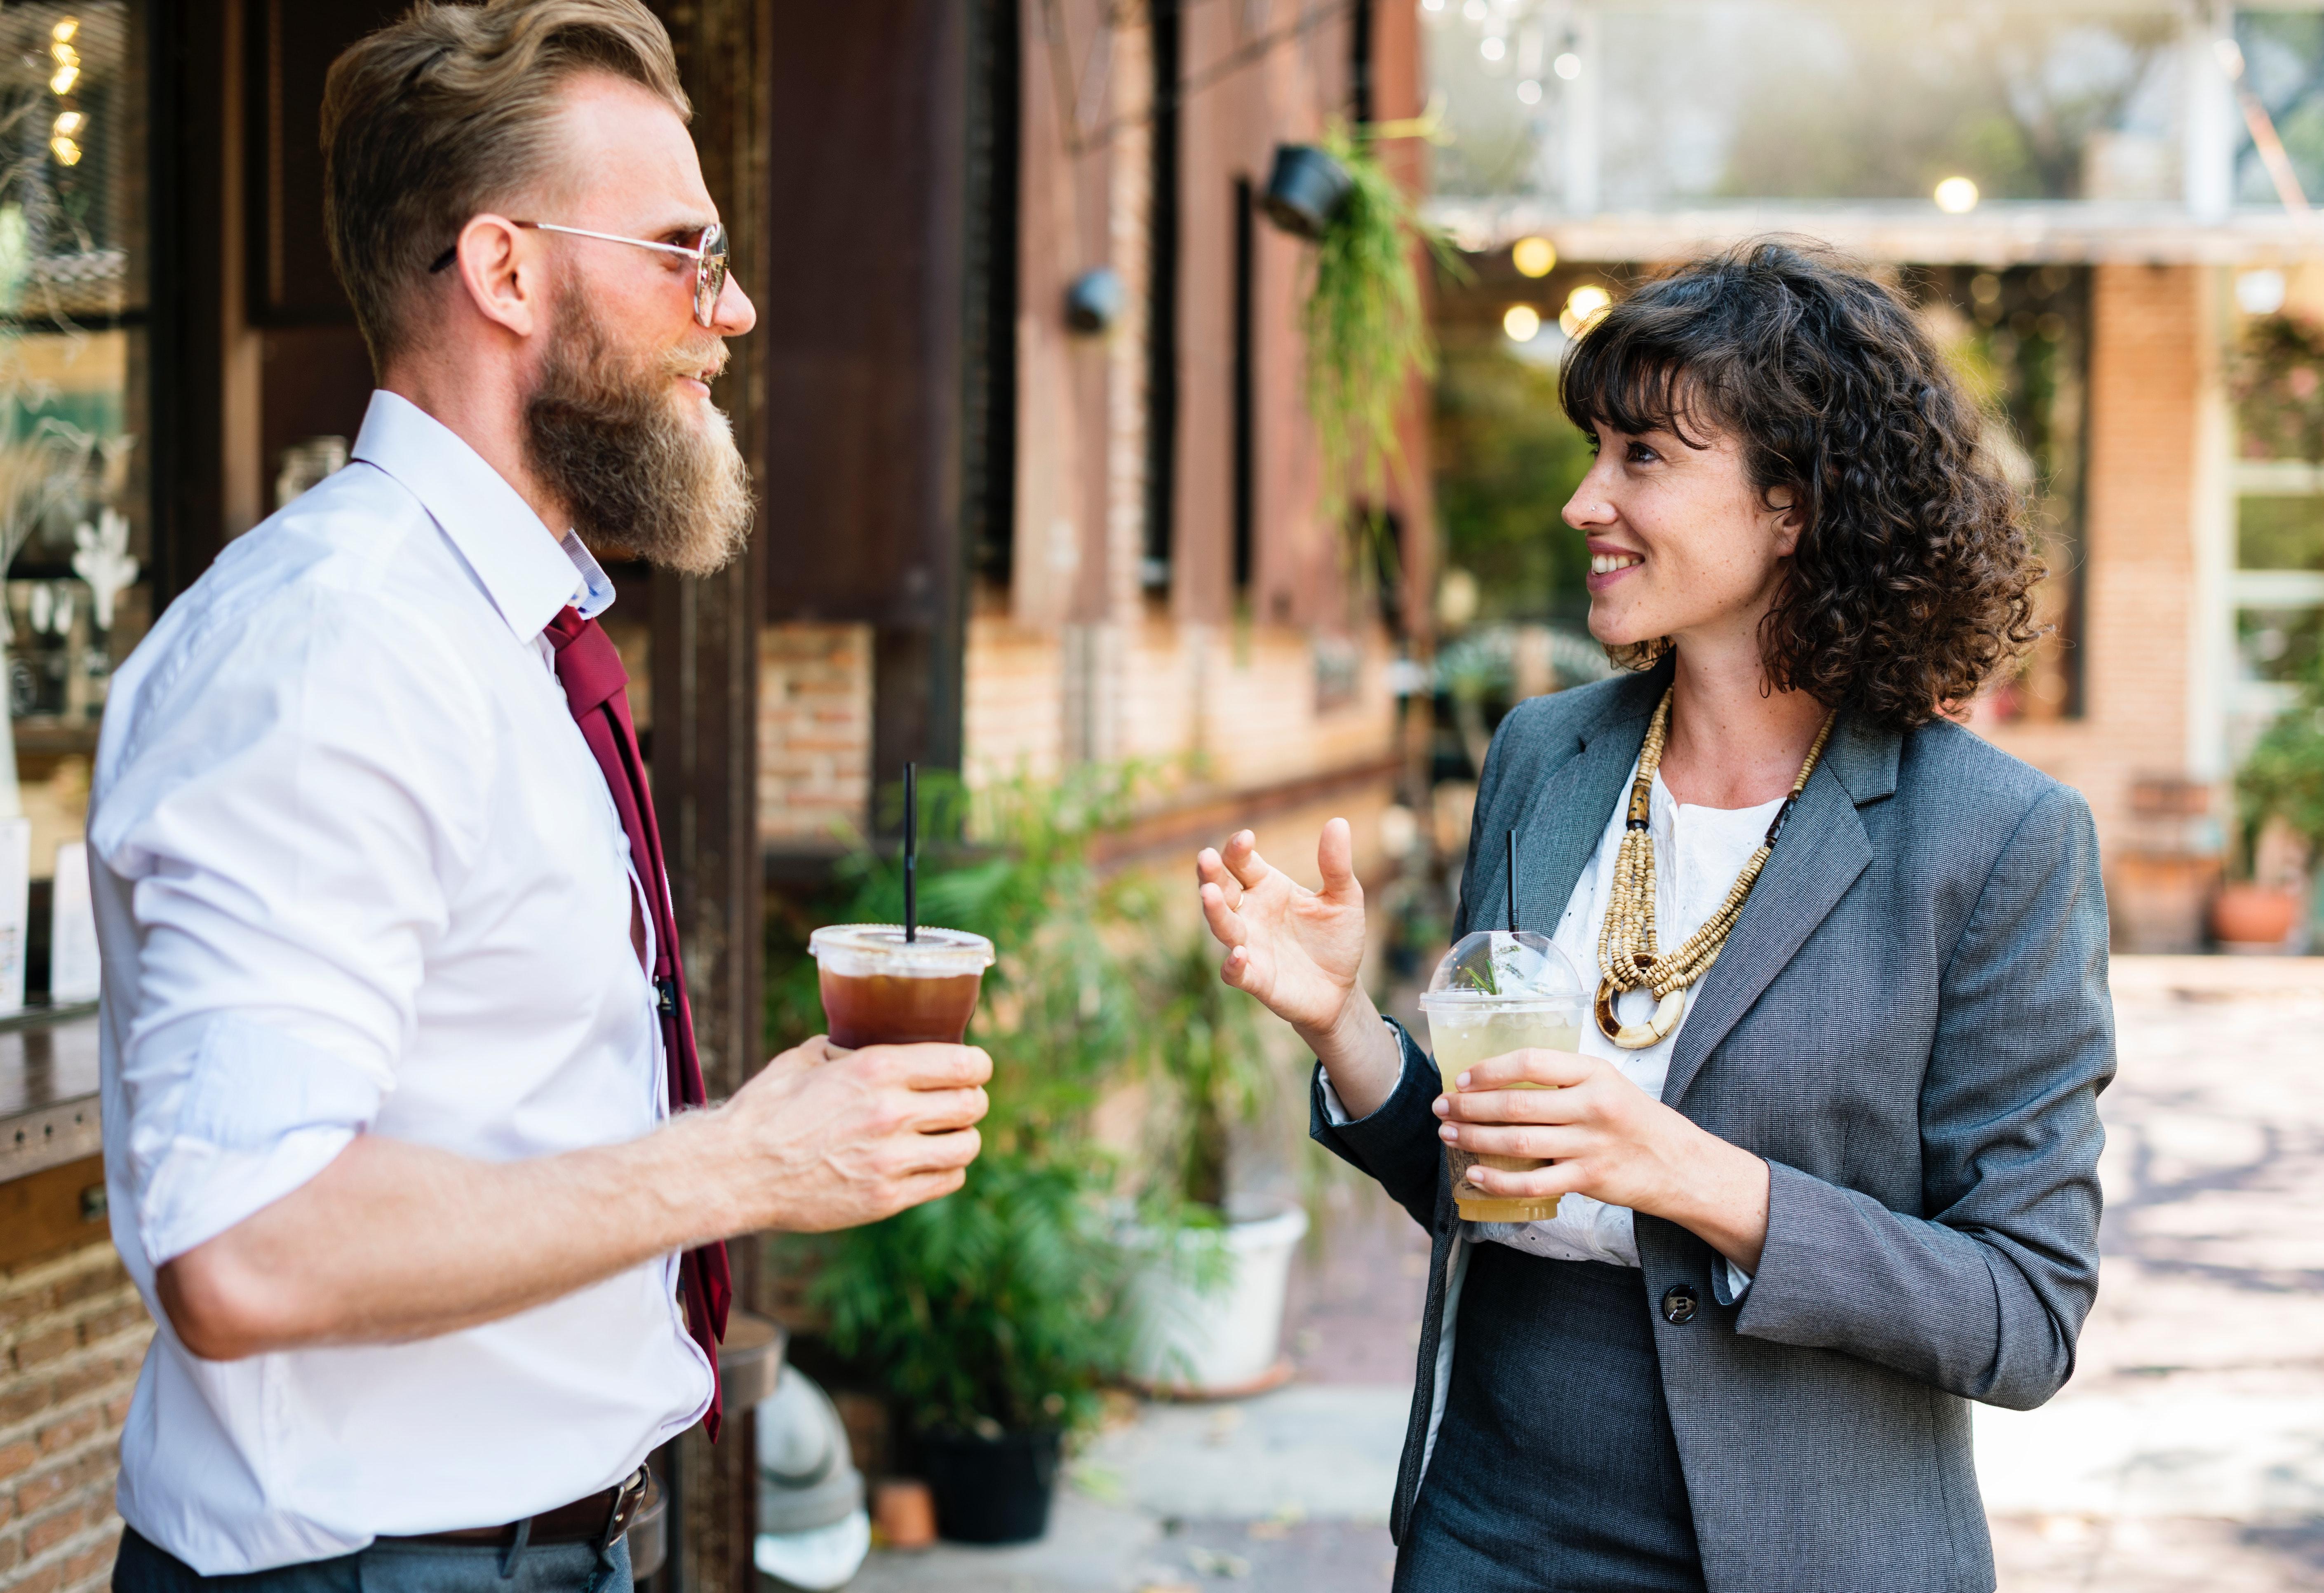 Op weg naar feilloze non-verbale communicatie